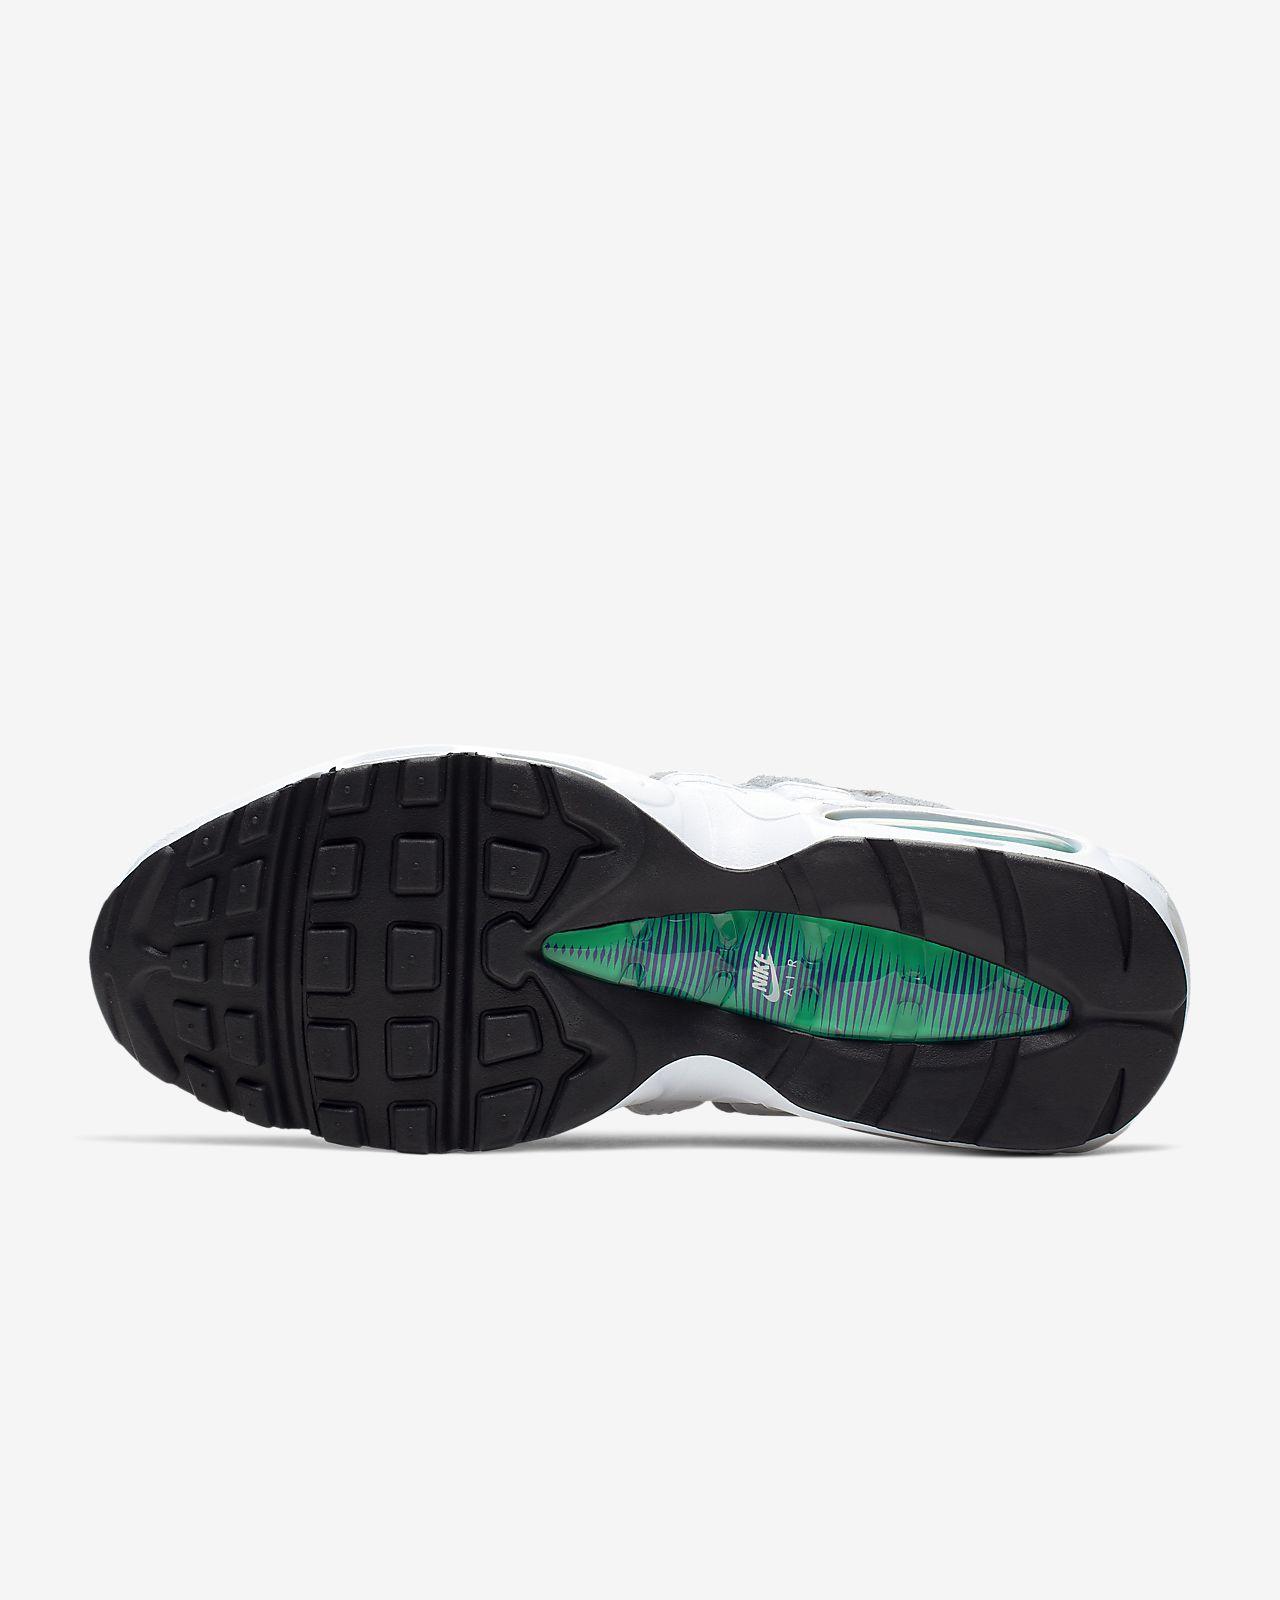 Nike Air Max 95 LV8 Herrenschuh